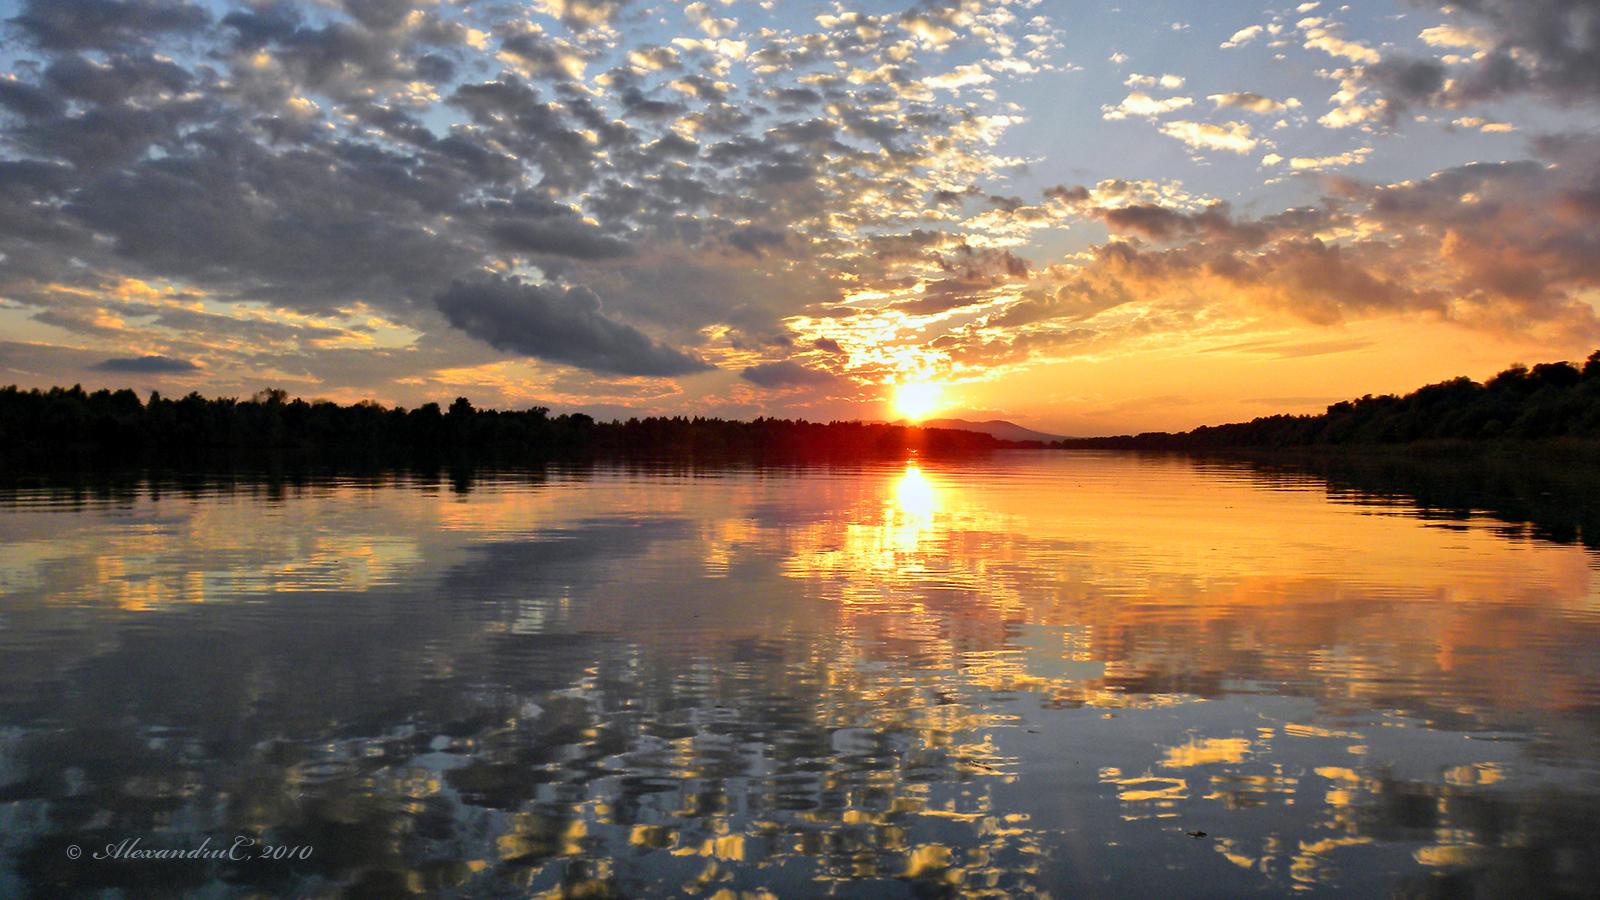 Fishing Sunset Painting 4K HD Desktop Wallpaper For